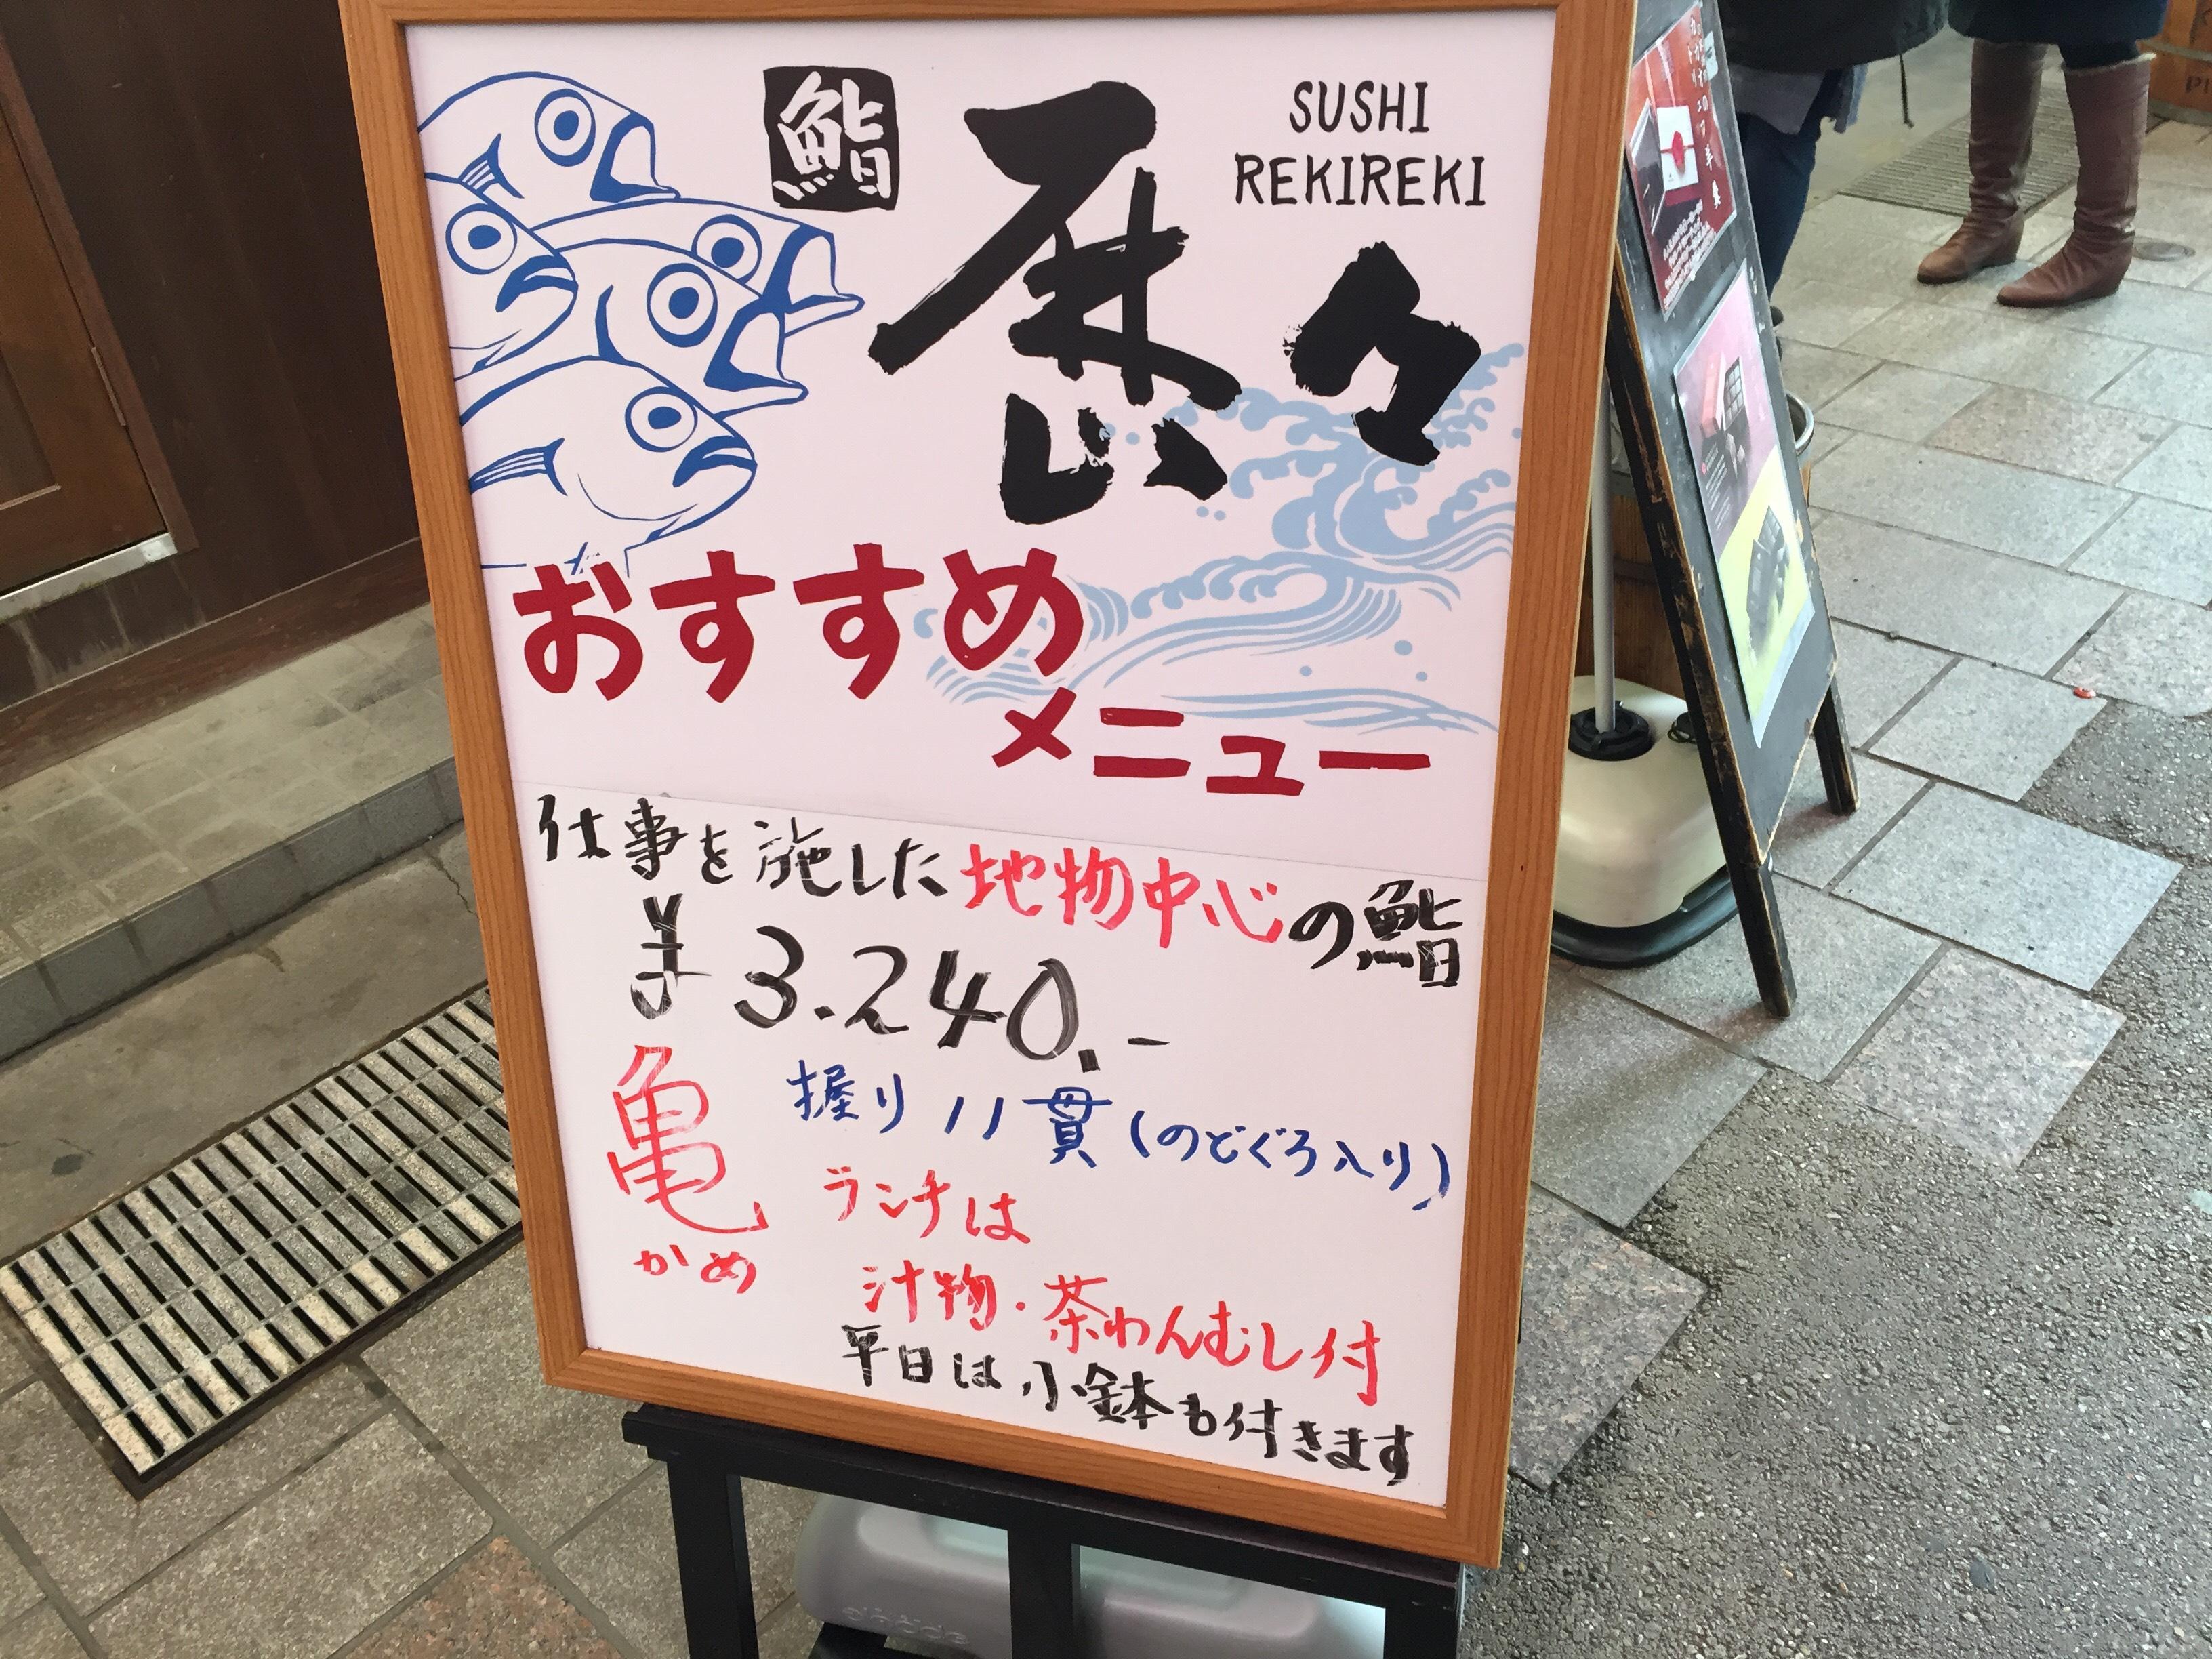 鮨 歴々 近江町店 金沢